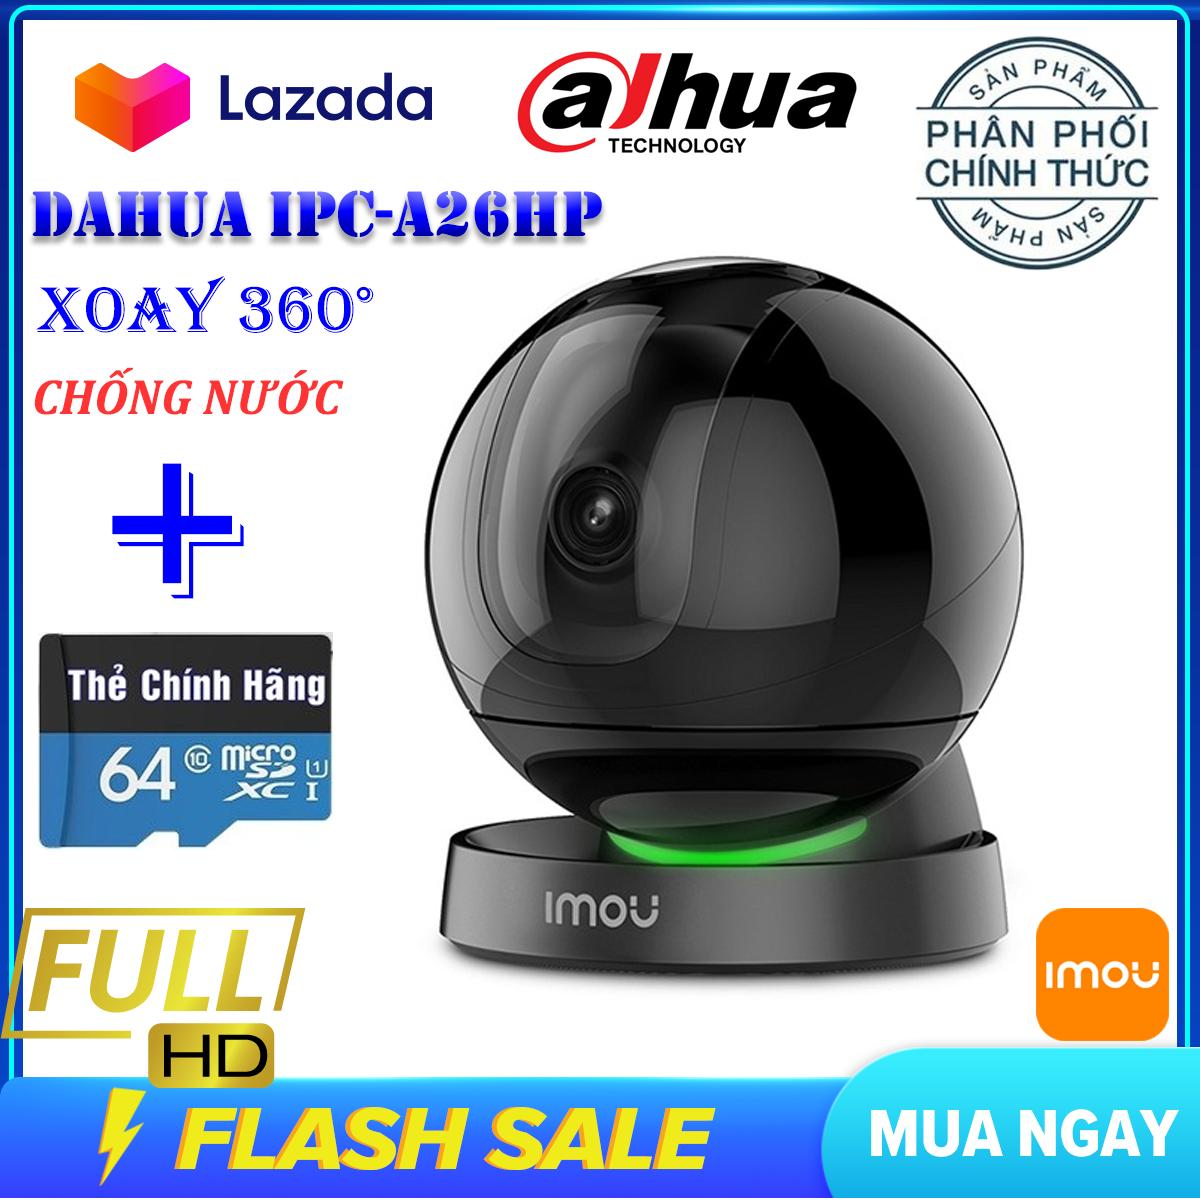 (KÈM THẺ NHỚ 64GB,BẢO HÀNH 5 NĂM)Camera ip Wifi Dahua Ranger Pro IPC-A26HP Full HD 1920 X 1080P,Camera ptz xoay 360 độ, camera trong nhà, ngoài trời,camera giám sát